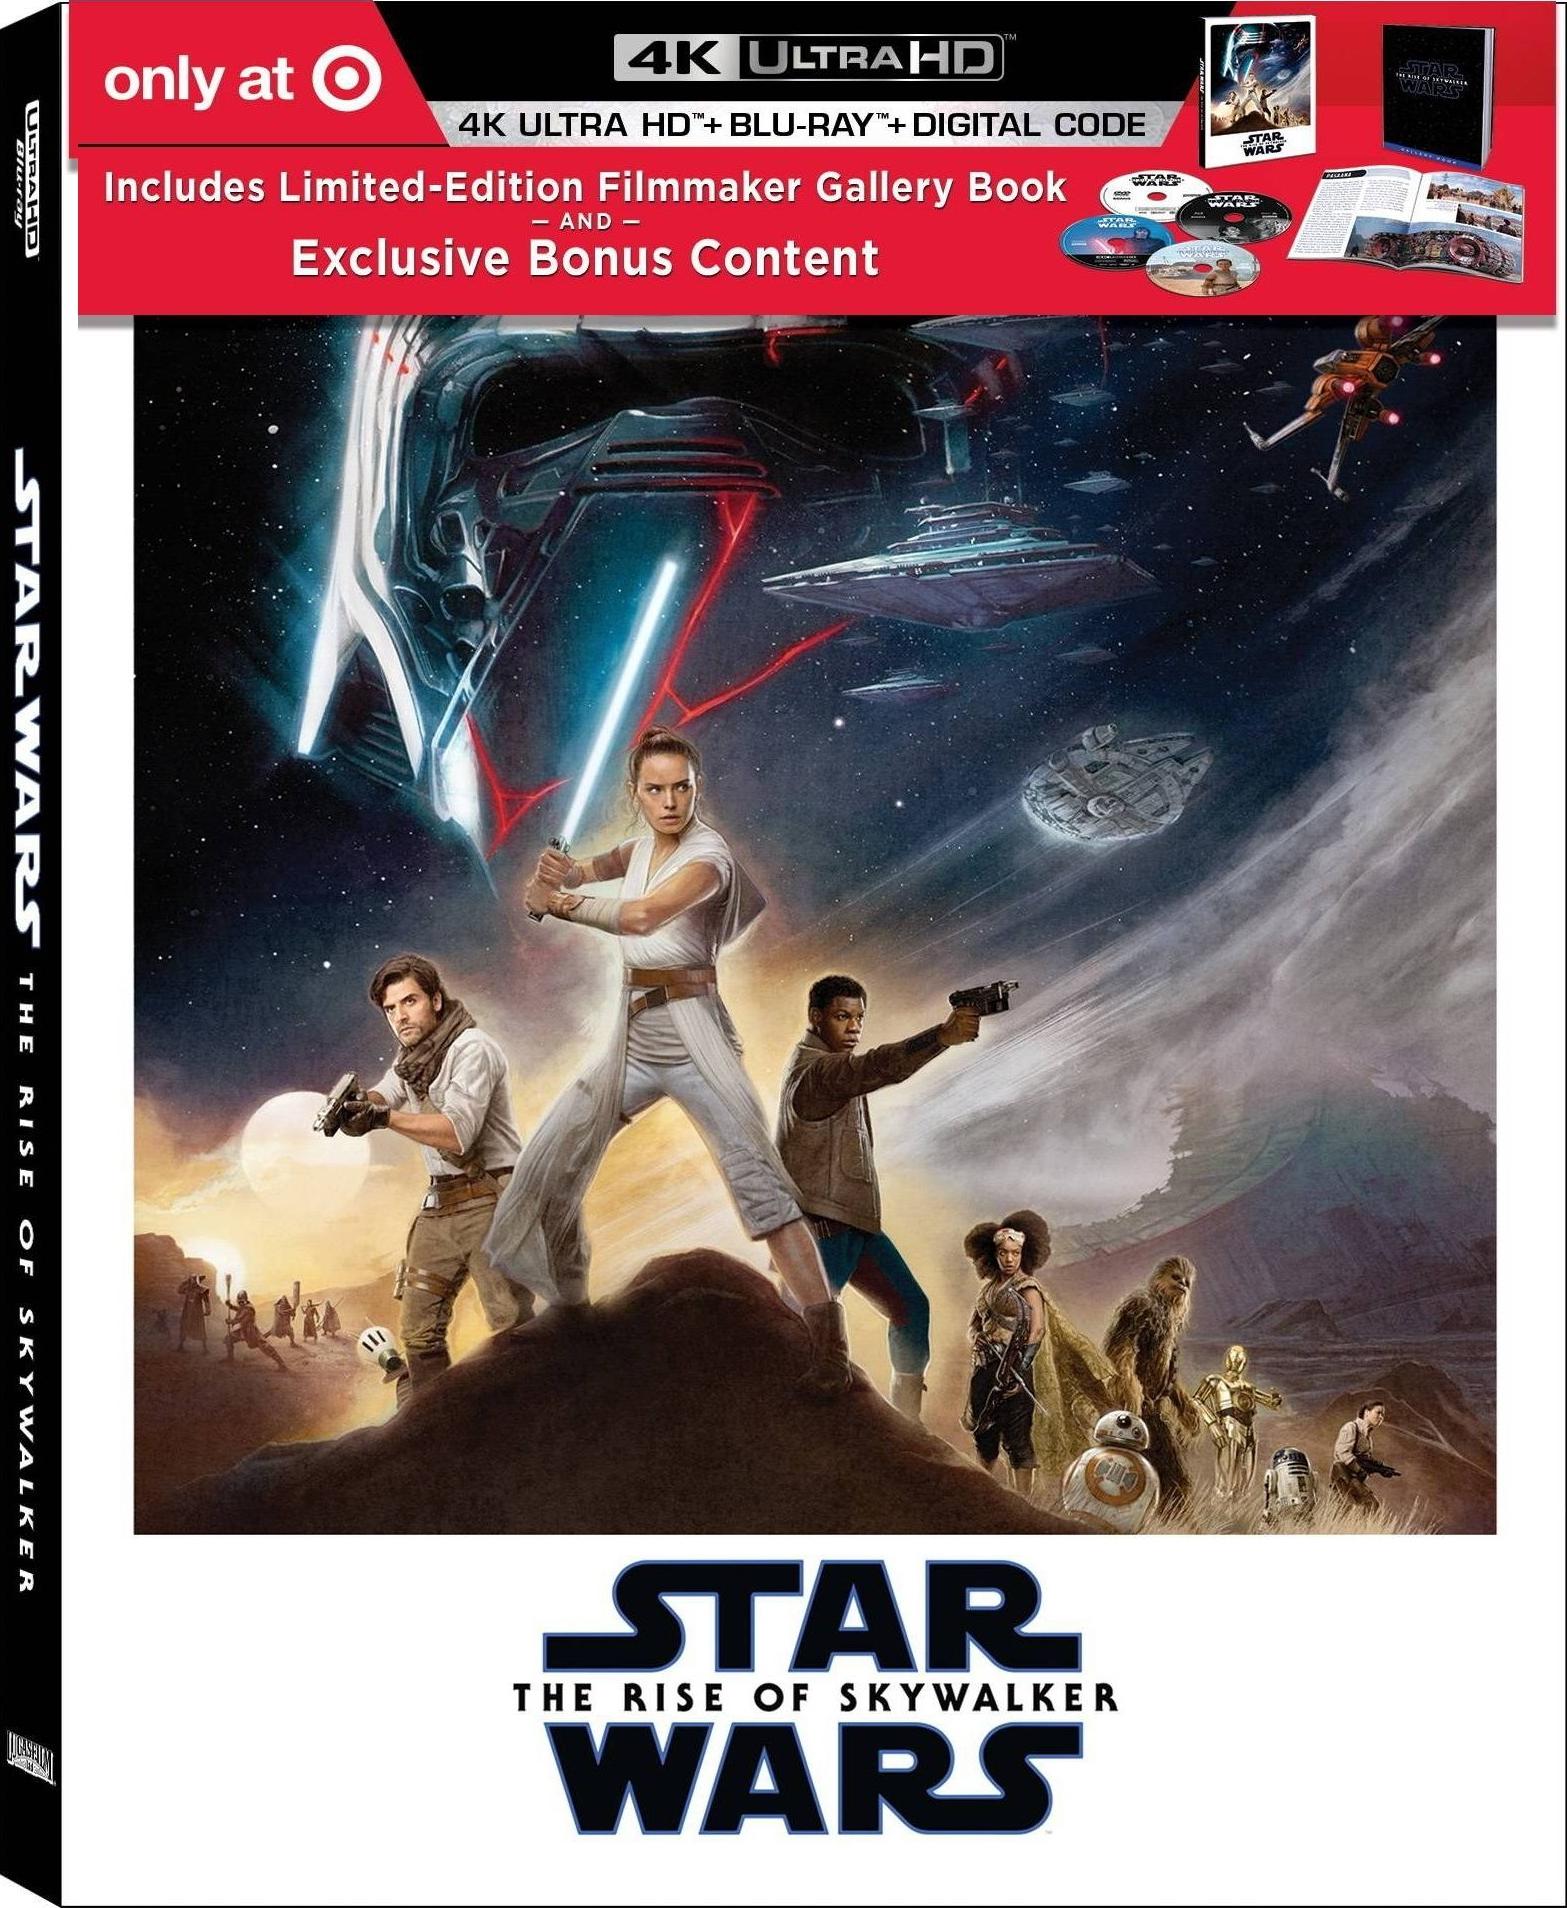 Gwiezdne Wojny: Skywalker. Odrodzenie - okładka Blu-ray